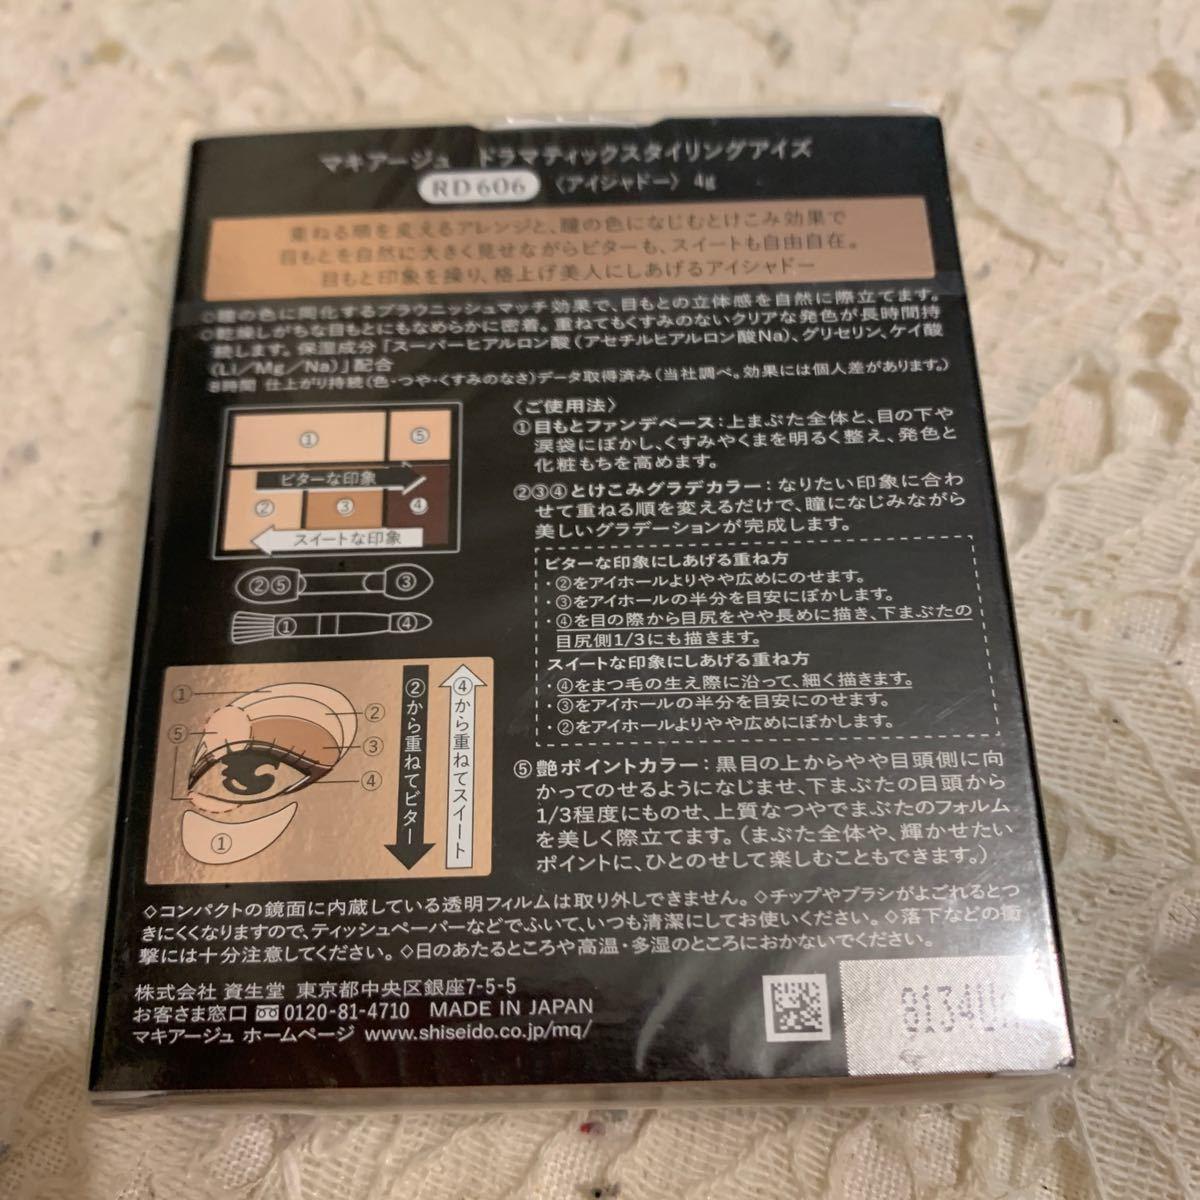 マキアージュ ドラマティックスタイリングアイズ RD606 ラズベリーモカ 4g